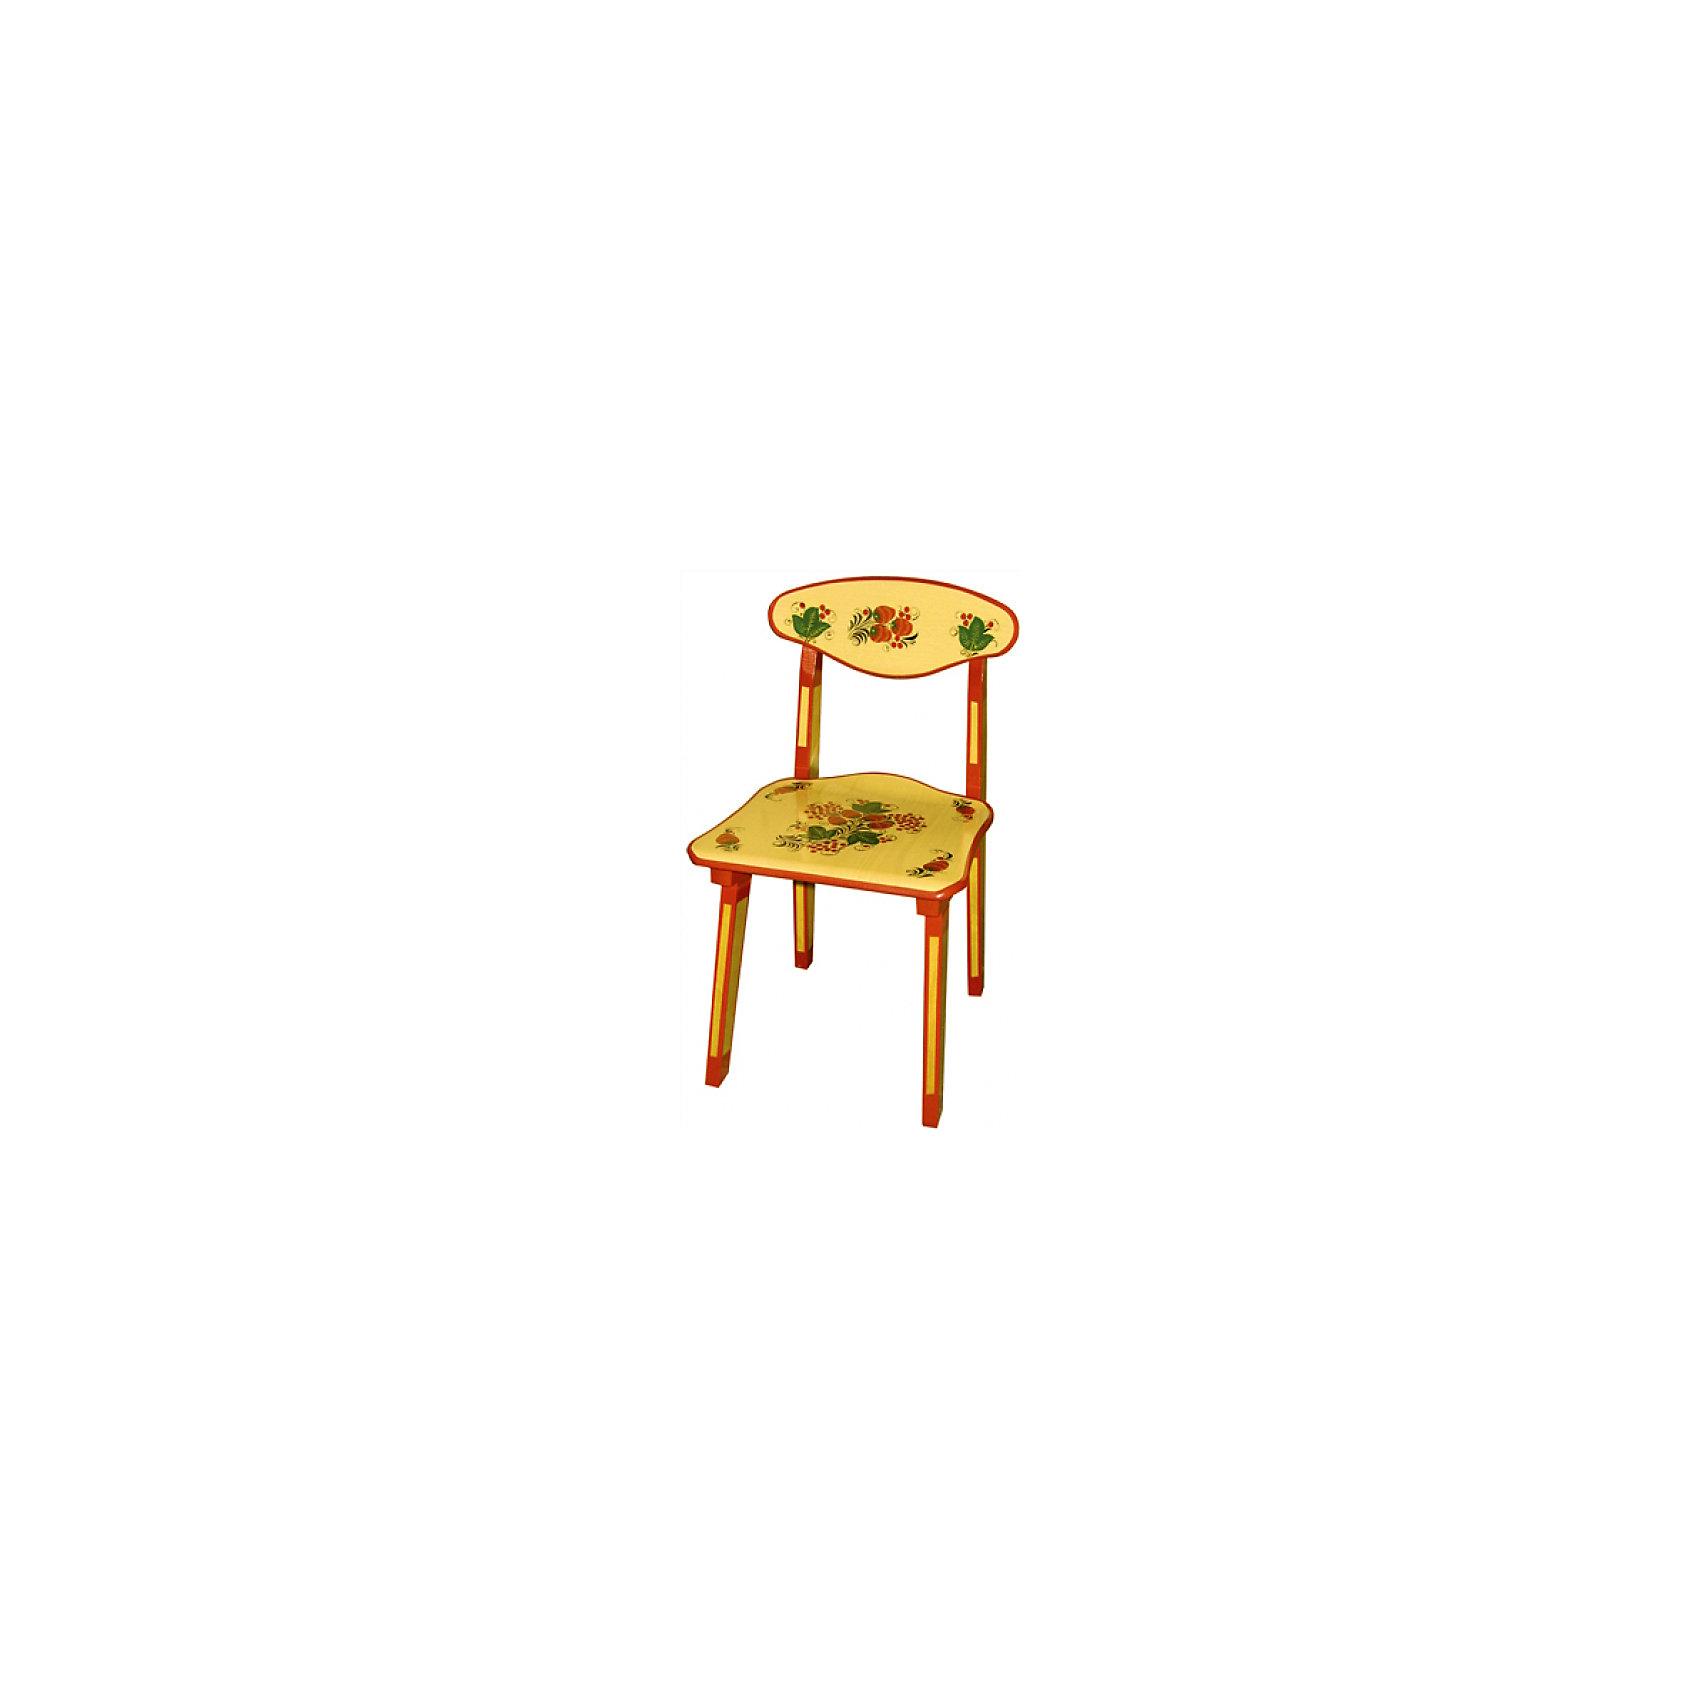 Стул с росписьюТакой сказочный стульчик был практически у каждого в детстве, так пусть и вашего ребенка радует!<br>Яркий красочный стульчик прекрасно подойдет к столу, выполненному в такой же стилистике. Роспись сделана по золотому фону традиционными красным и темно-коричневым цветами. Стул изготовлен из дерева, пропитан льняным маслом и покрыт росписью и безвредным для ребенка лаком. Стул очень прочный и устойчивый, покрытие закалено при особом температурном режиме и не будет отслаиваться или облупливаться при частой влажной уборке.<br><br>Дополнительная информация:<br><br>- Возраст: от 6 мес.<br>- Материал: дерево.<br>- Цвет: орнамент -  Хохломская роспись. <br>- Параметры стола: Высота: 50 см.<br>                                      Сидение: 30х28 см.<br><br>Детский стул с росписью можно купить в нашем магазине.<br><br>Ширина мм: 435<br>Глубина мм: 120<br>Высота мм: 300<br>Вес г: 1900<br>Возраст от месяцев: 24<br>Возраст до месяцев: 84<br>Пол: Унисекс<br>Возраст: Детский<br>SKU: 4718378